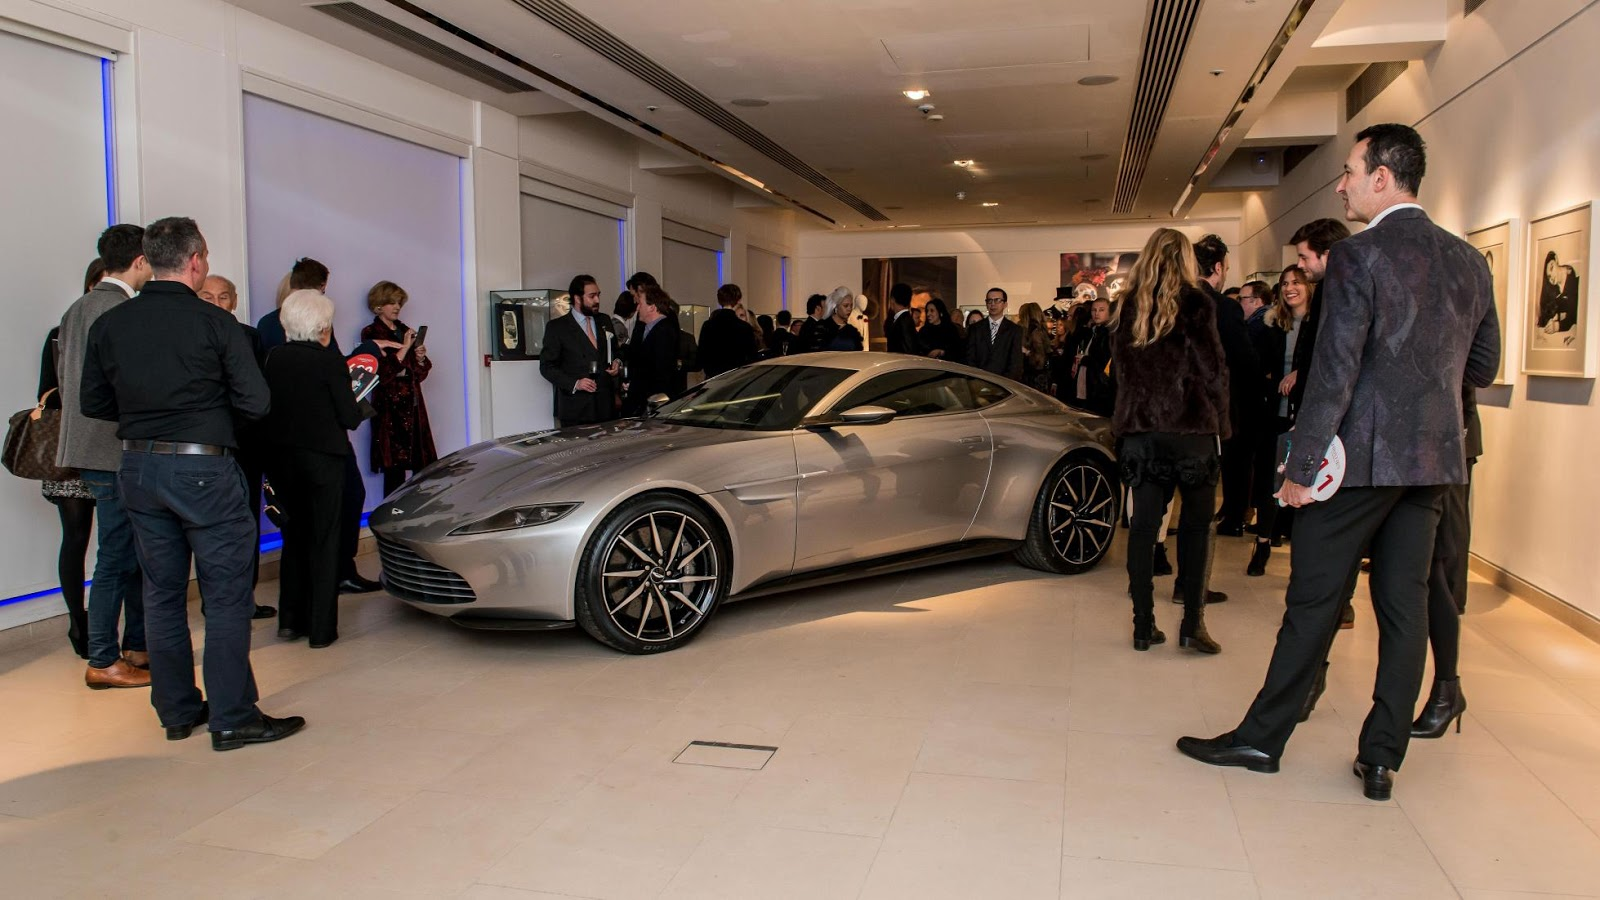 Vào cuối tháng 2/2016, nhà đấu giá Christie sẽ mang ra đấu giá siêu xe này